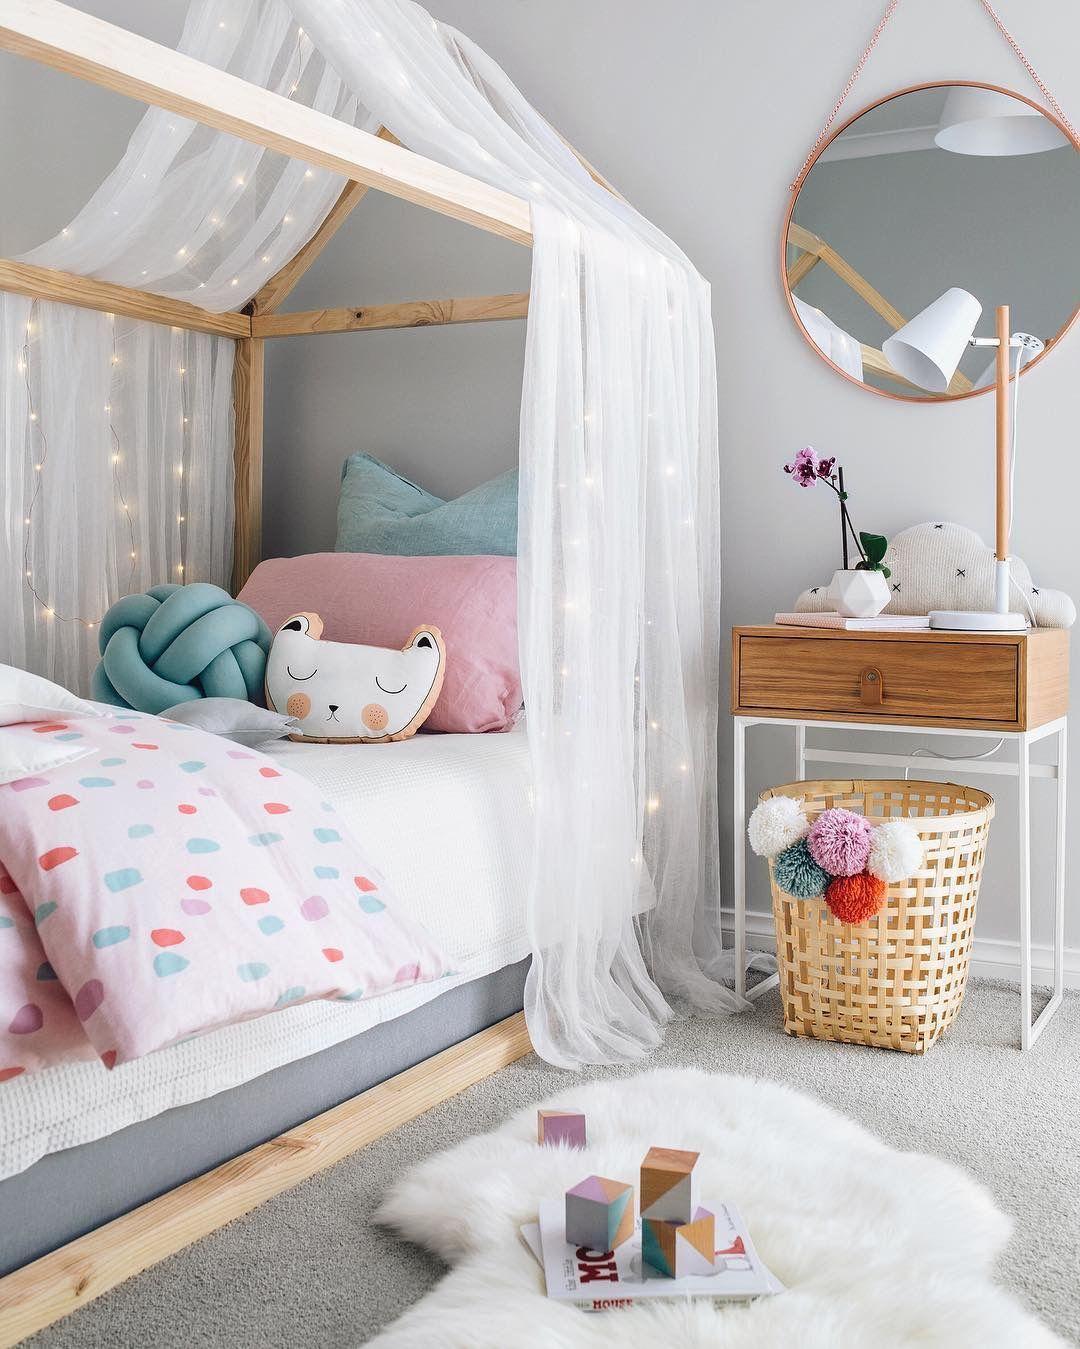 Pin Do A Tania Bo Em Interior Design Kids Room Pinterest  ~ Decoração De Quarto Star Wars E Pintura Quarto De Menina